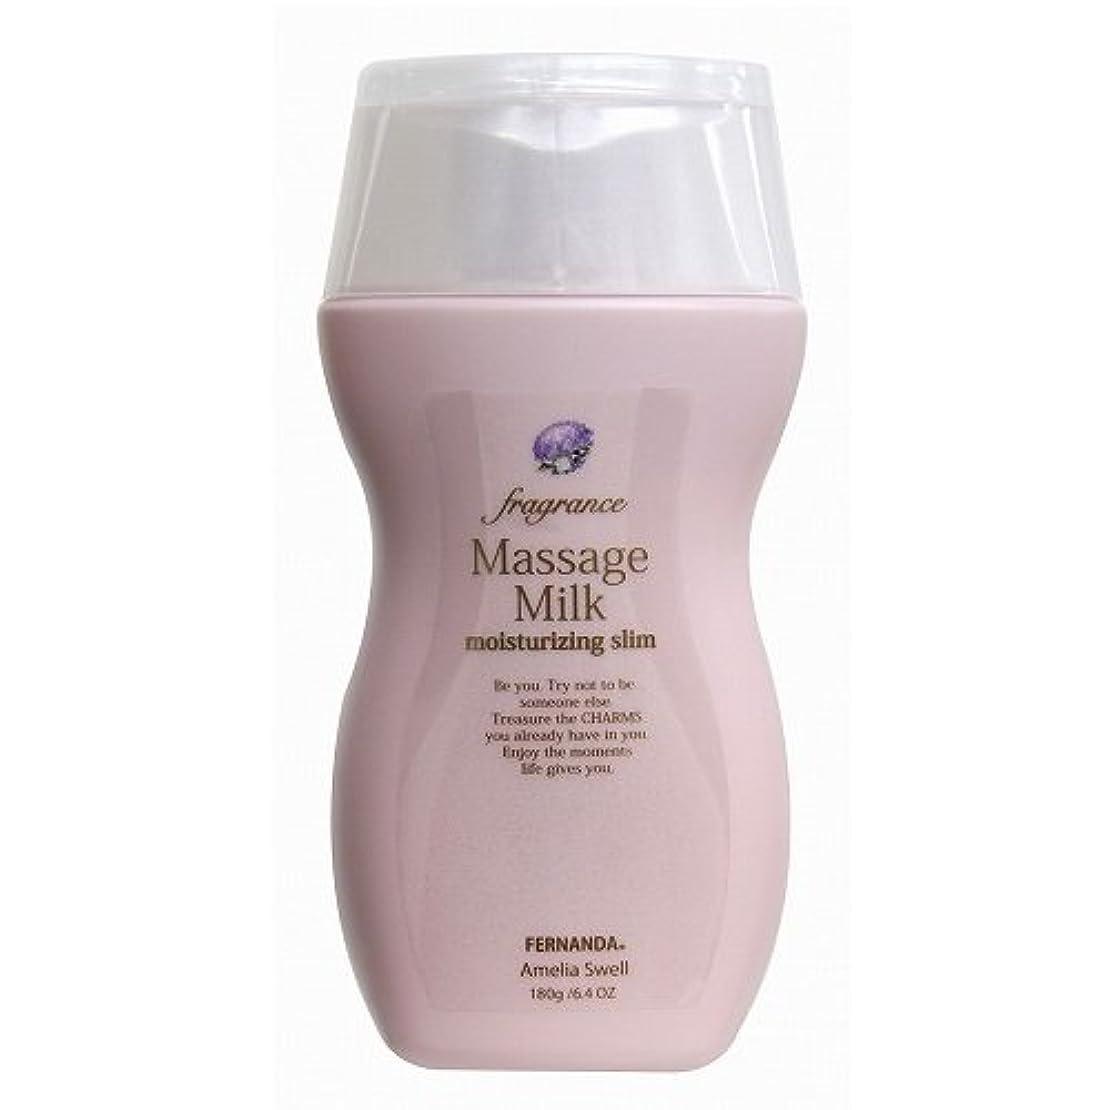 したがってマーチャンダイジングアイドルFERNANDA(フェルナンダ) Massage Milk Amelia Swell (マッサージミルク アメリアスウェル)